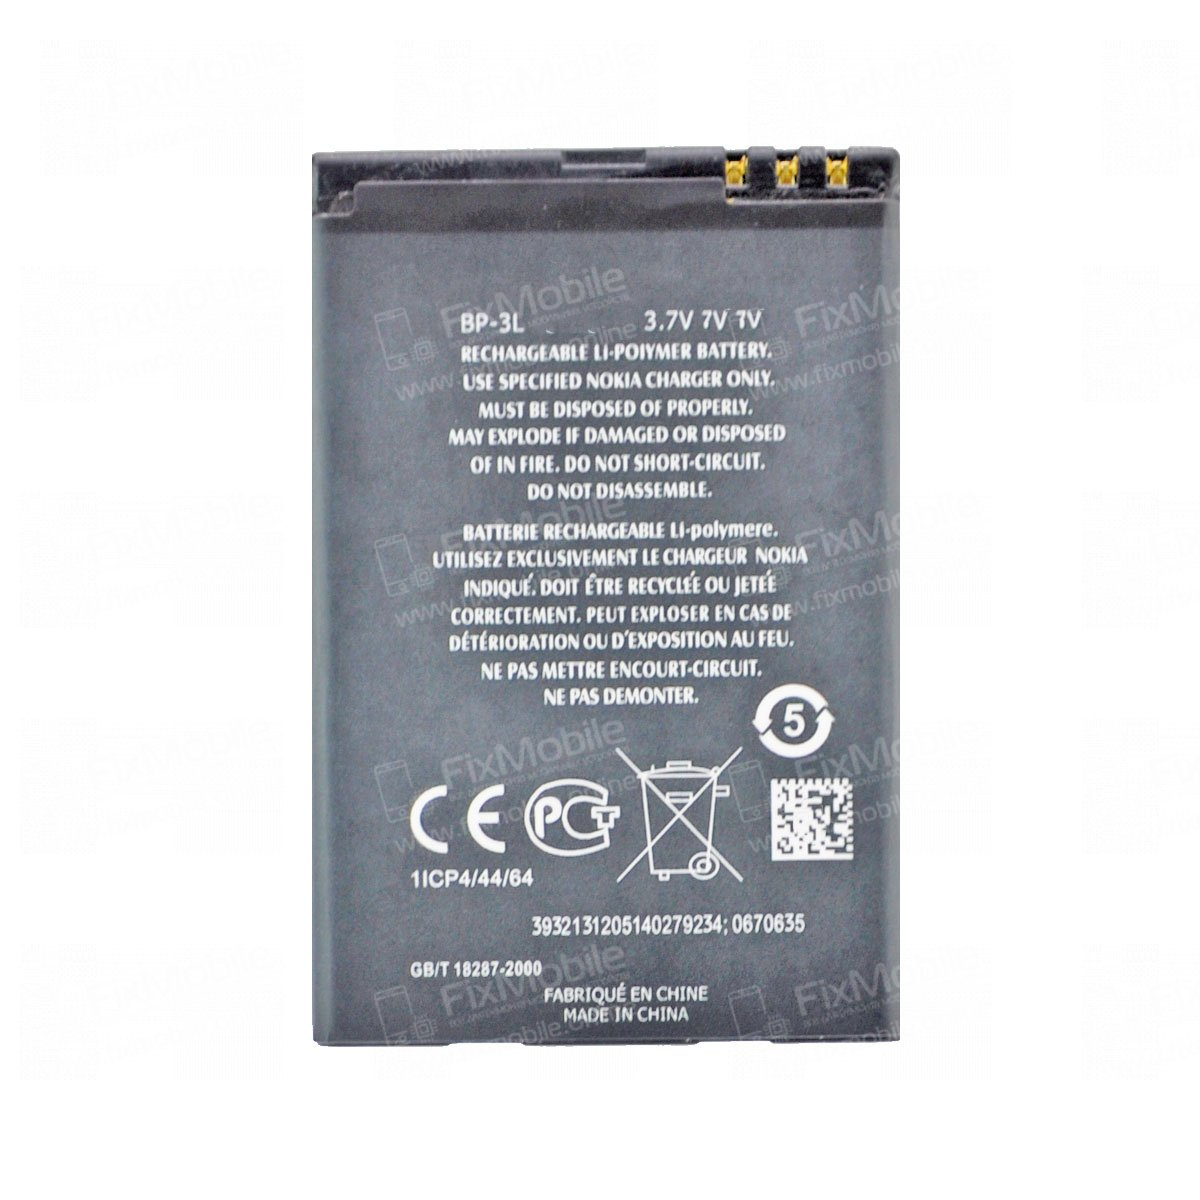 Аккумуляторная батарея для Nokia 303 BP-3L